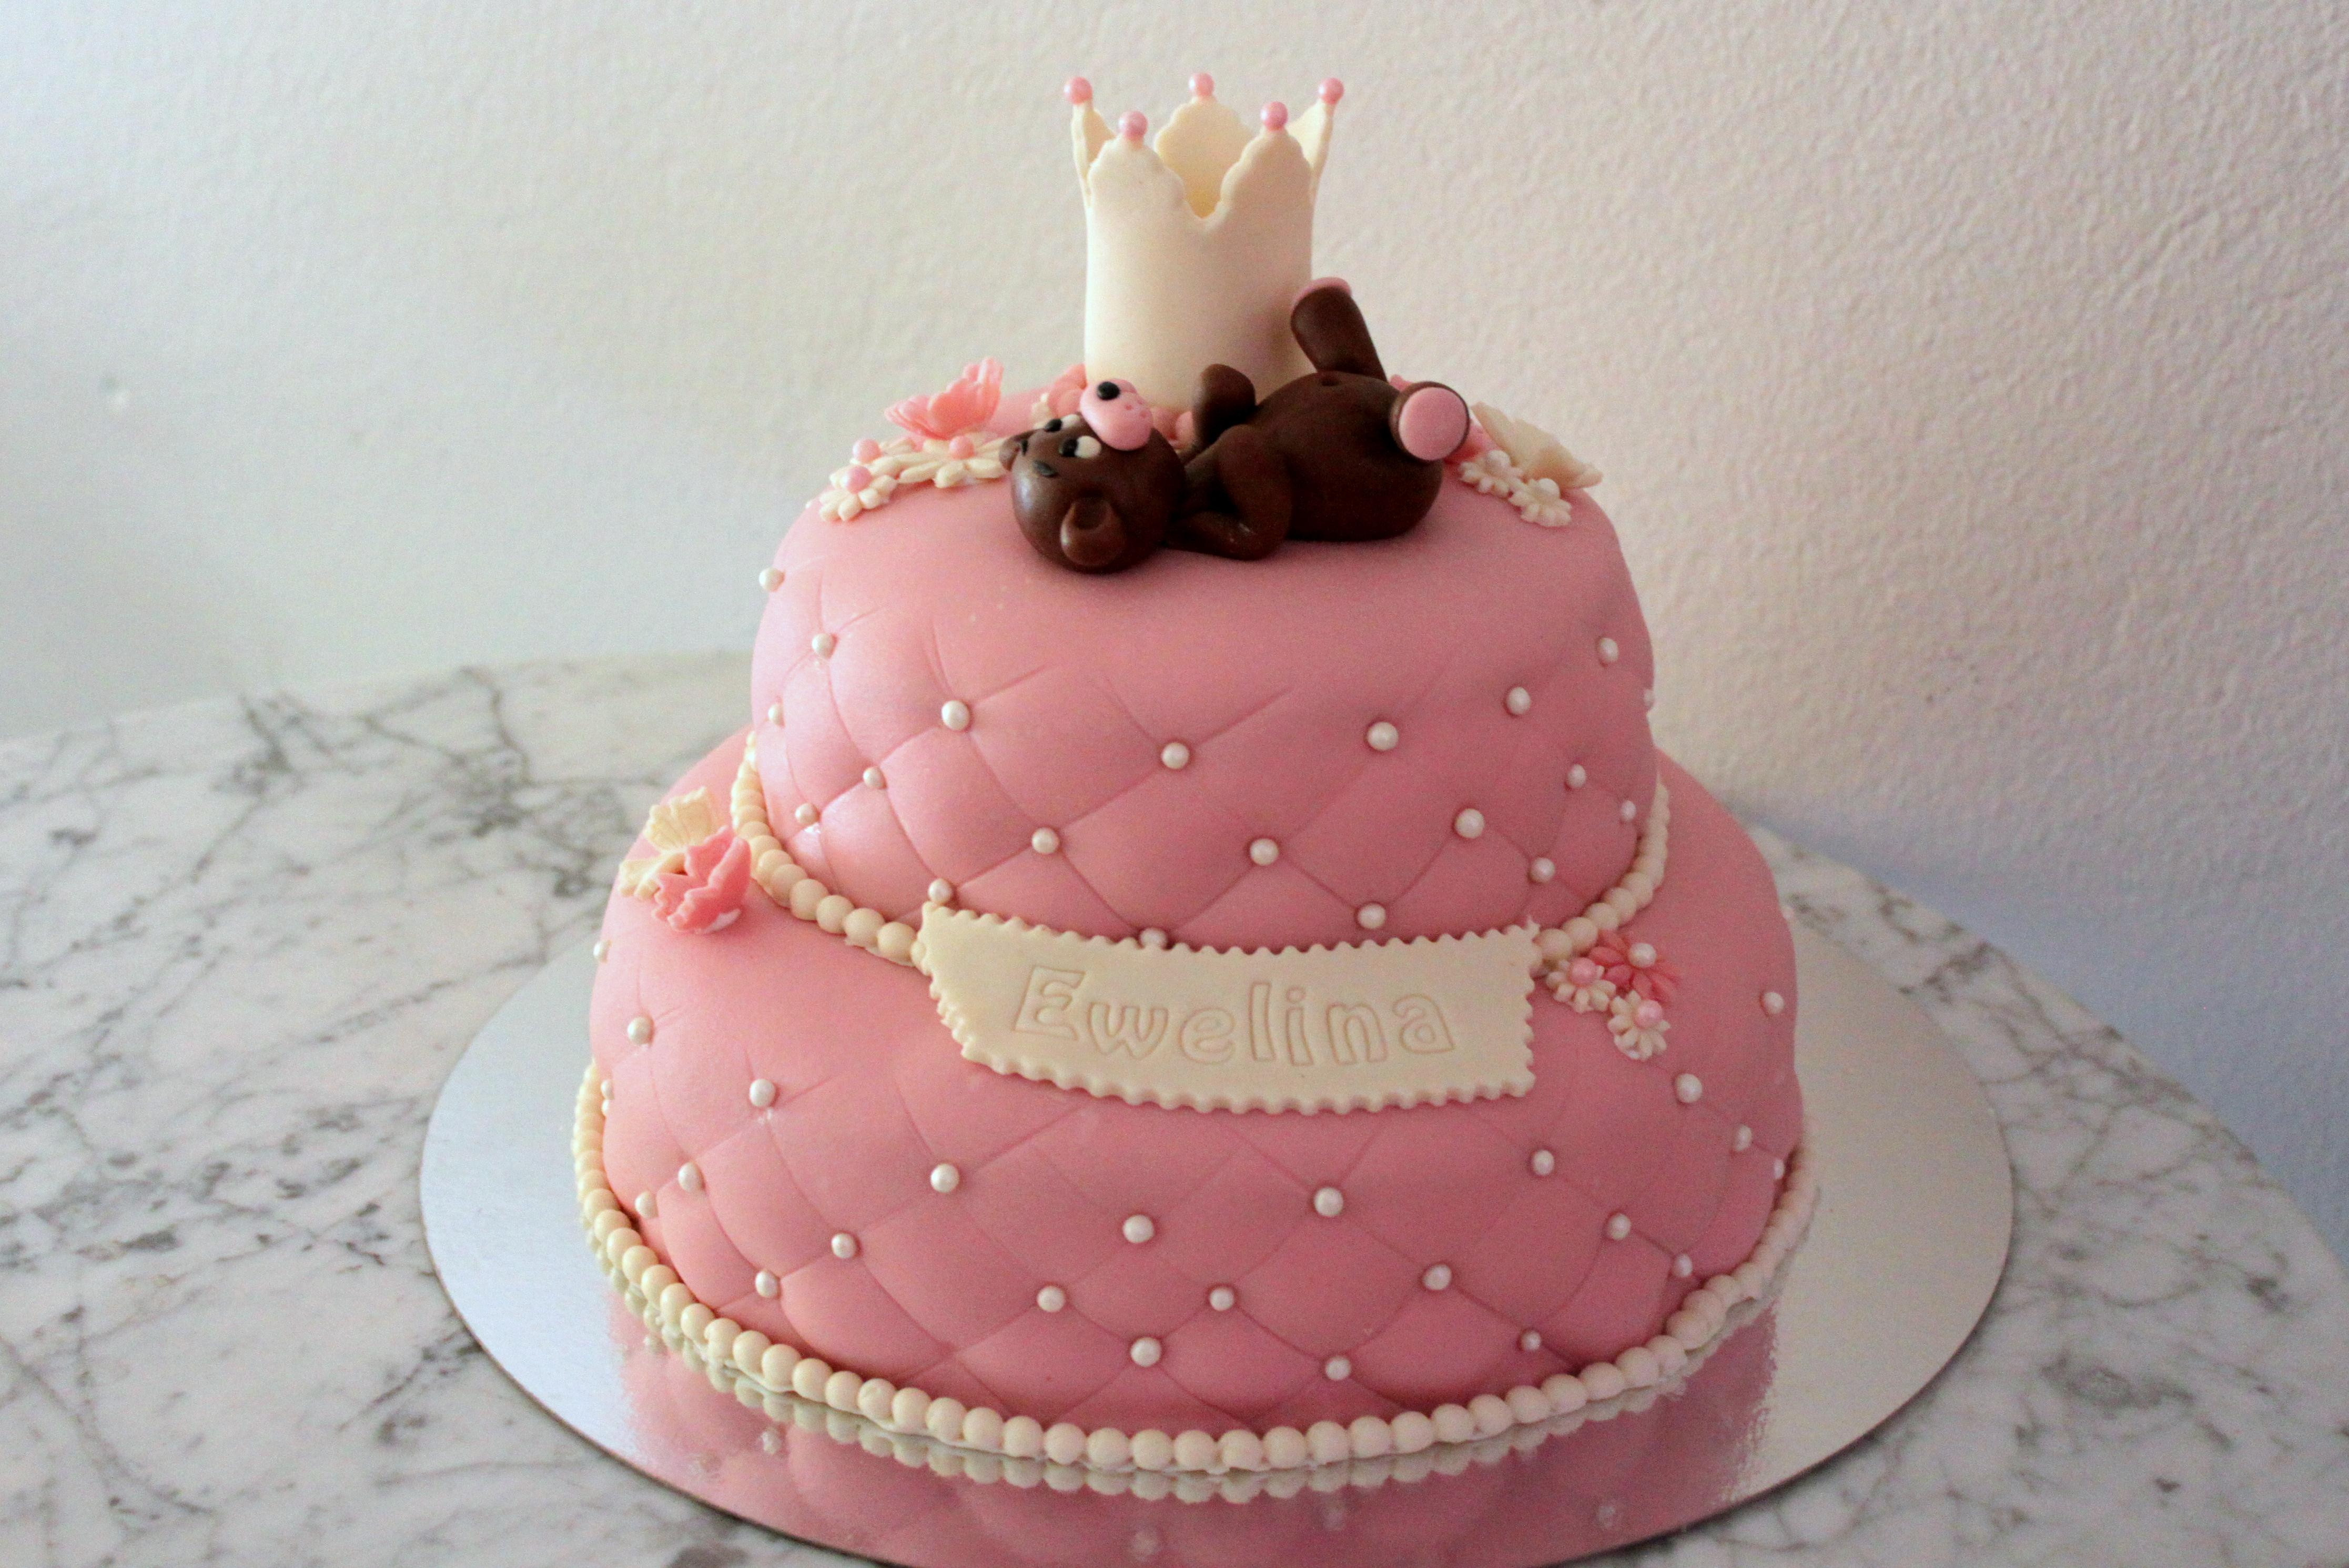 Nalle och krona tvåvåningstårta